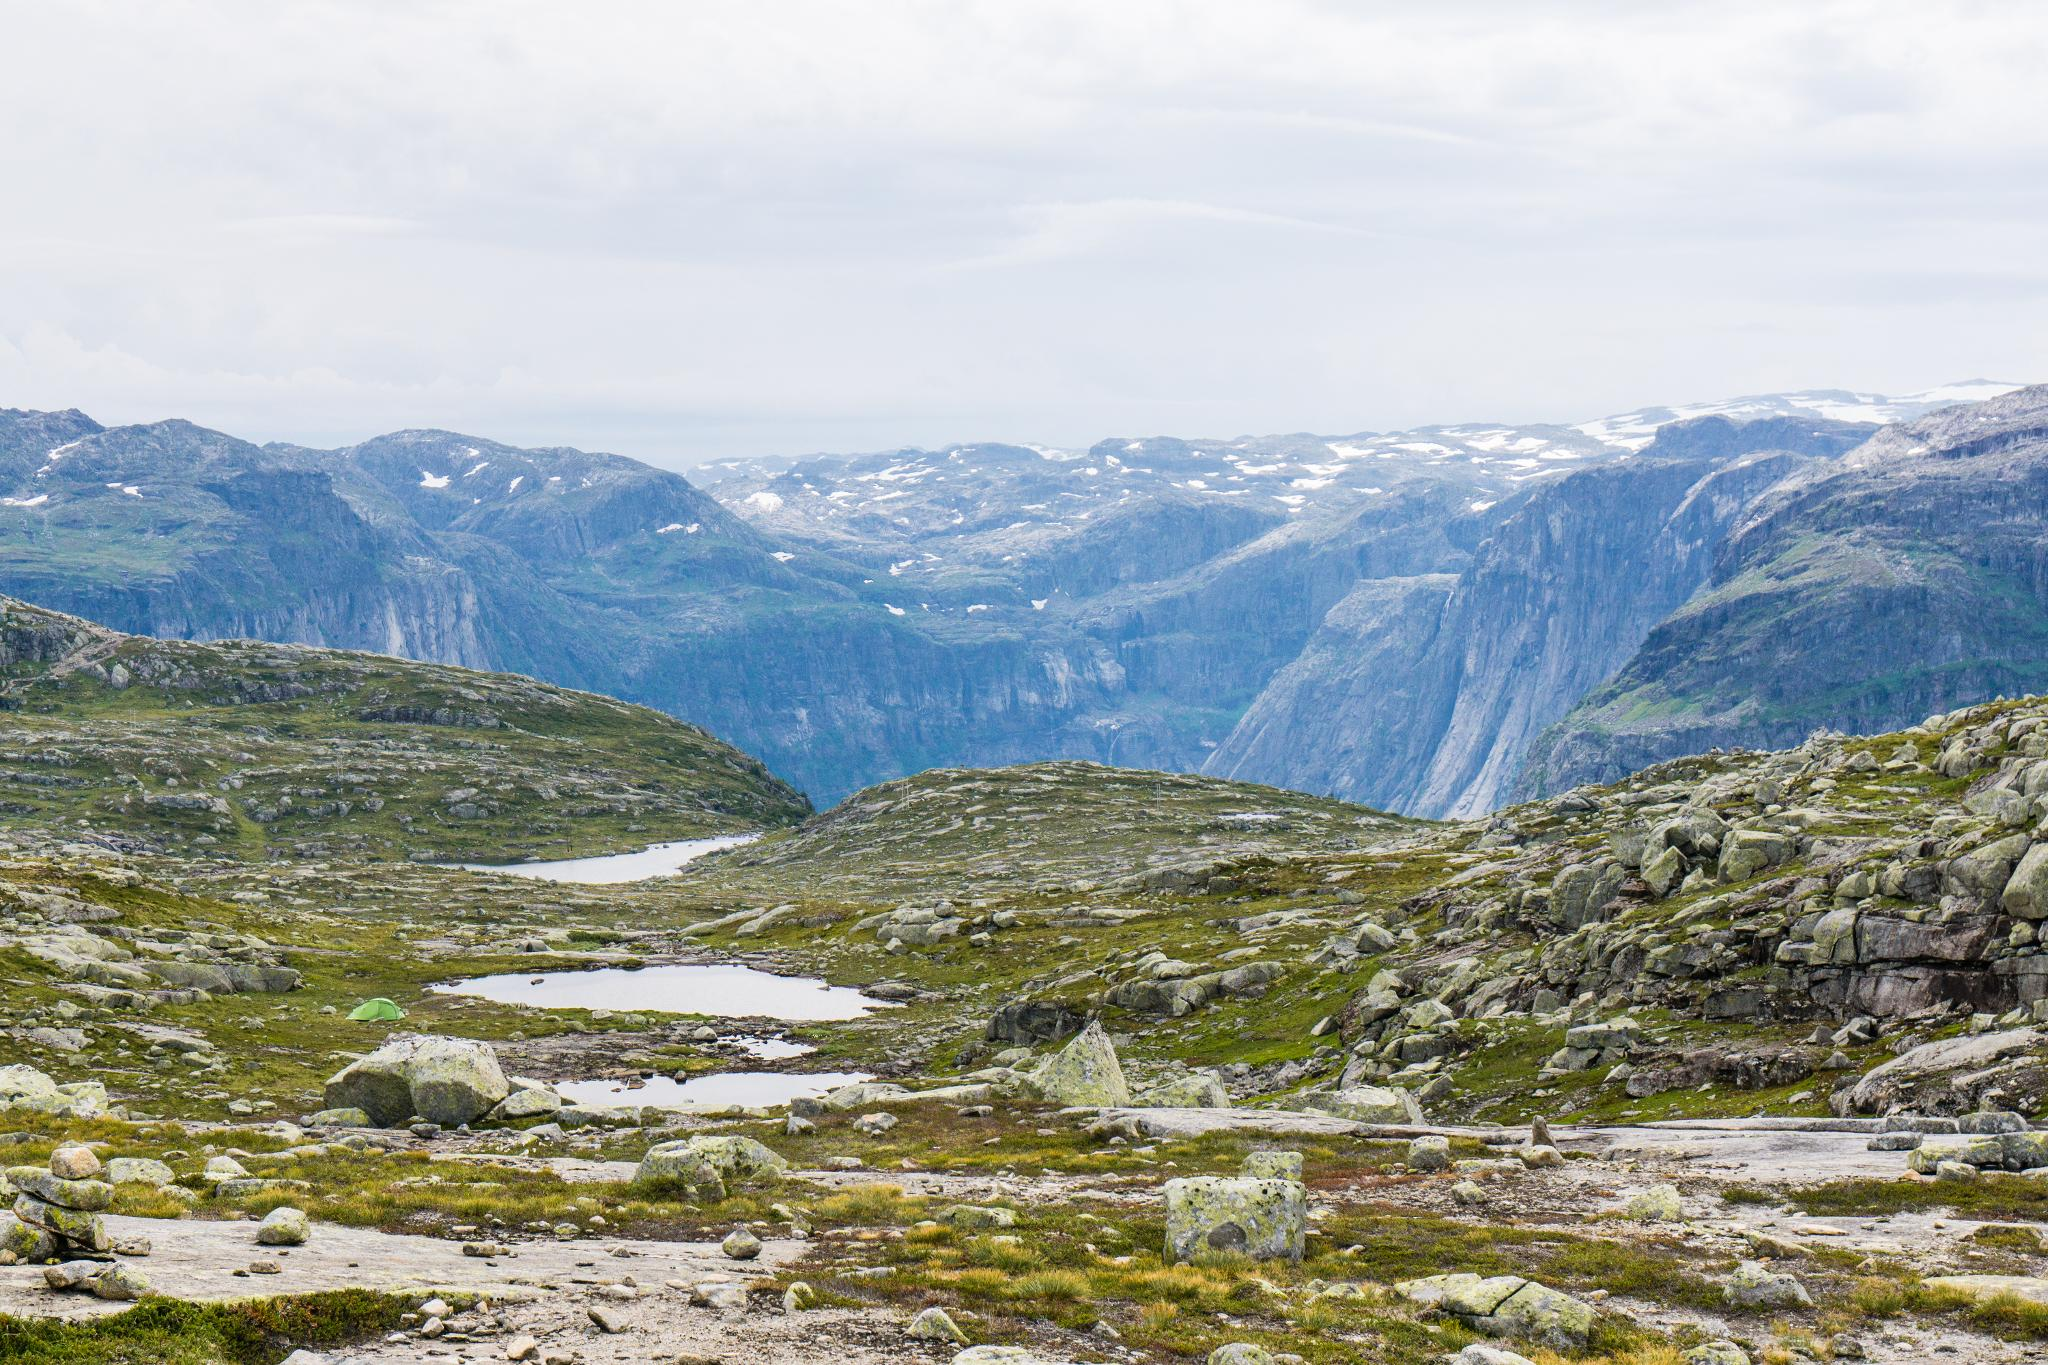 【北歐景點】挪威惡魔之舌 Trolltunga — 28公里健行挑戰全攻略 195